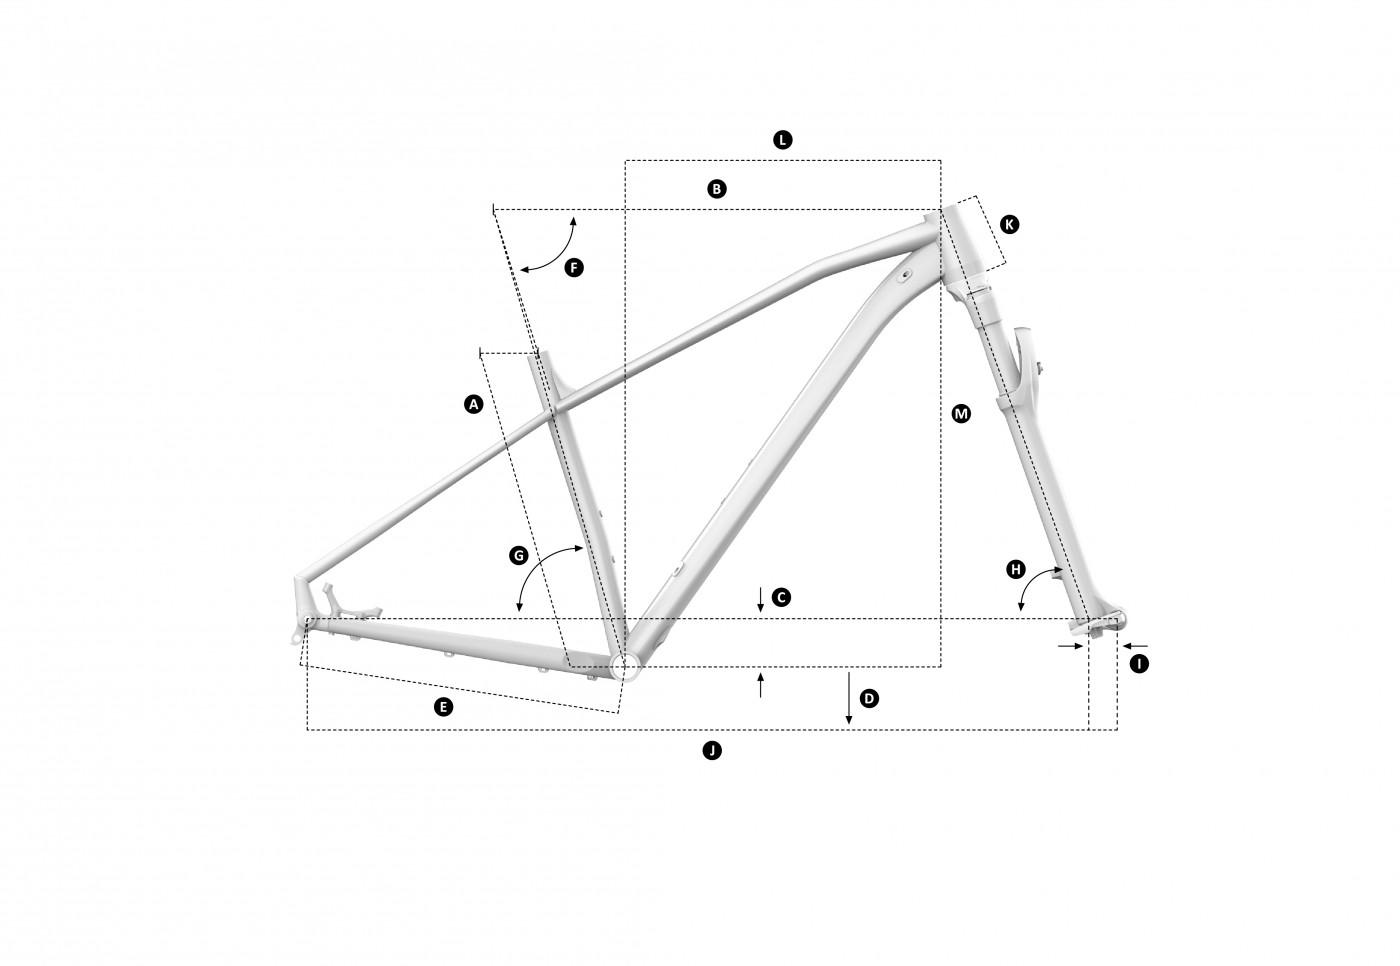 geometria mondraker chrono 2019